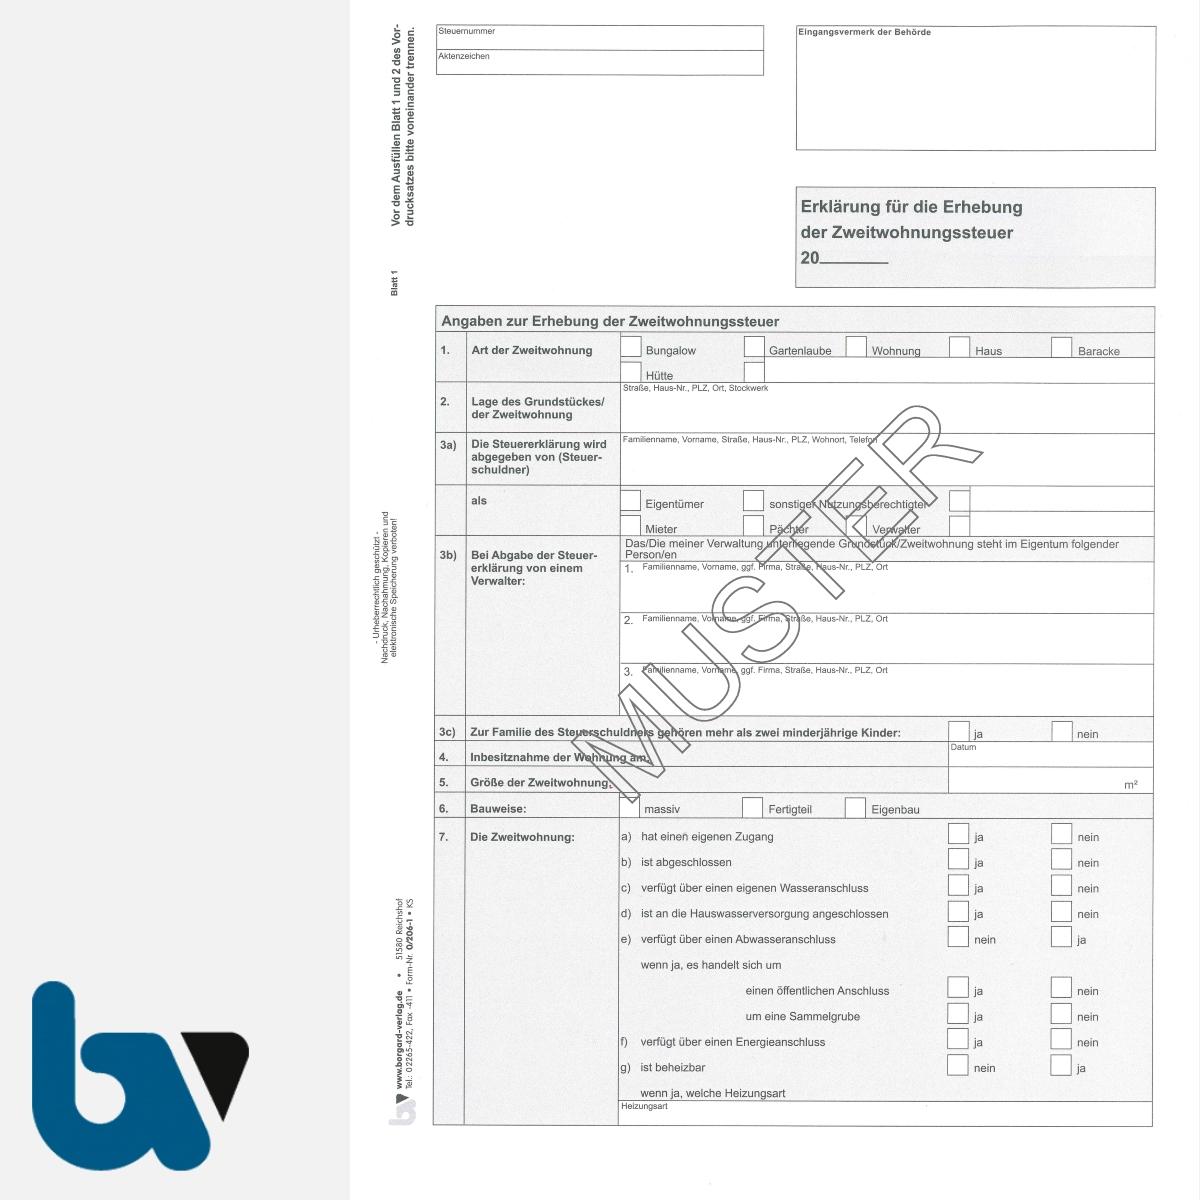 0/206-1 Erklärung Erhebung Zweitwohnungssteuer 2-fach selbstdurchschreibend DIN A4 Seite 1 | Borgard Verlag GmbH